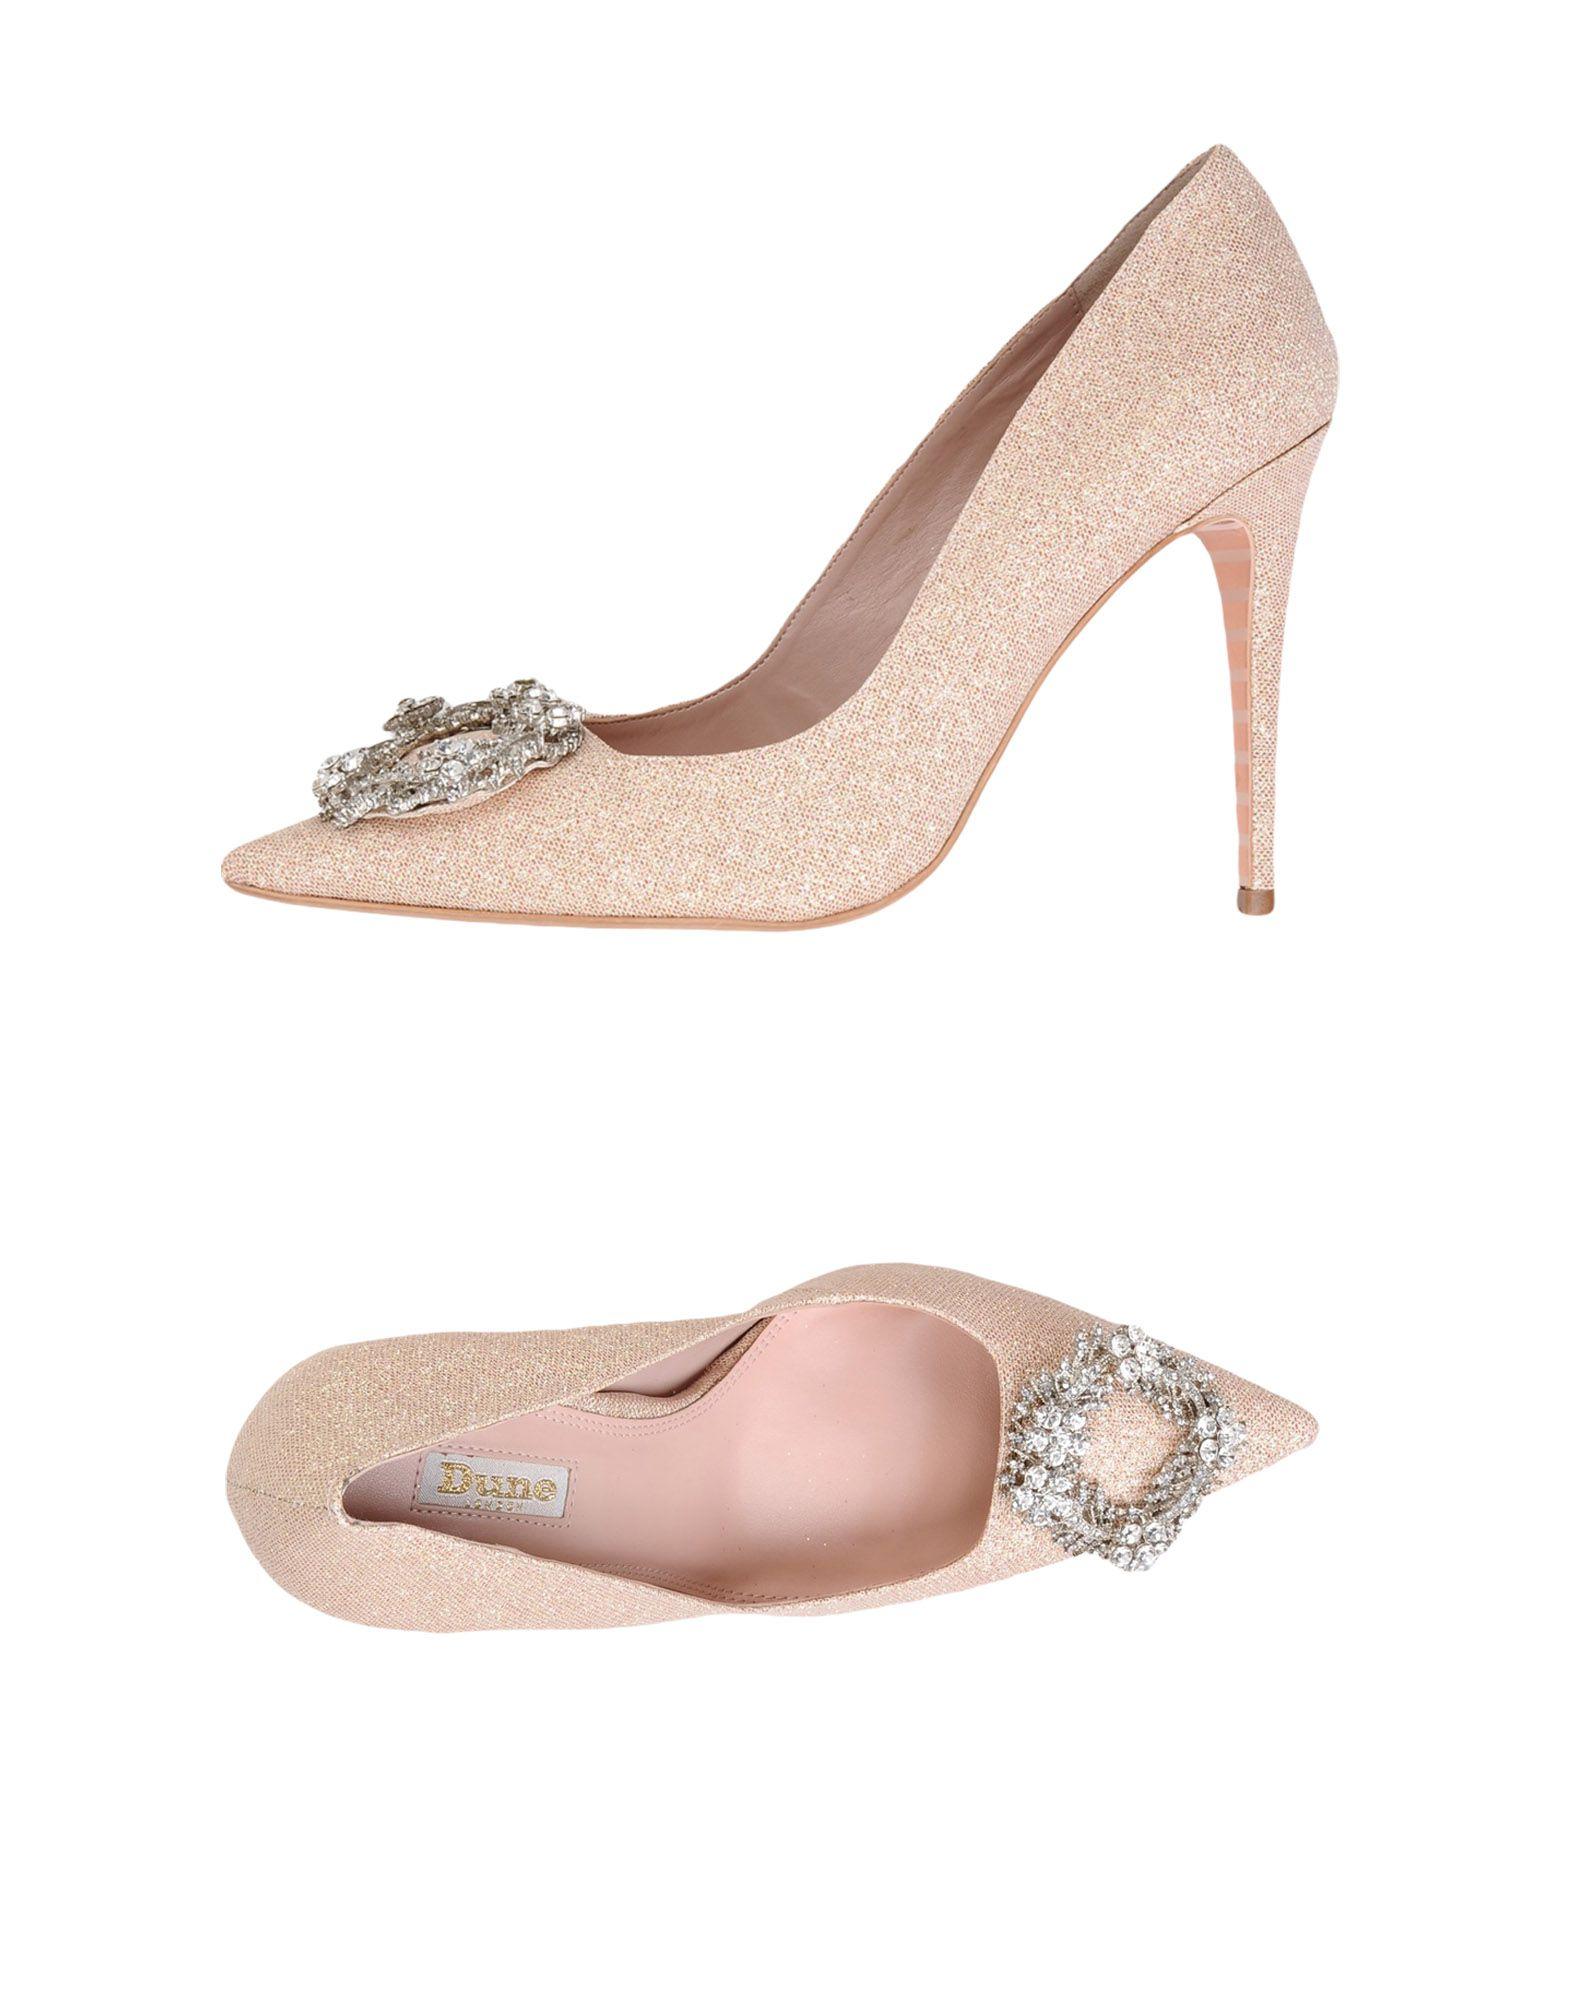 Mocassino Ebarrito offerte Donna - 11458631SE Nuove offerte Ebarrito e scarpe comode 6046f9